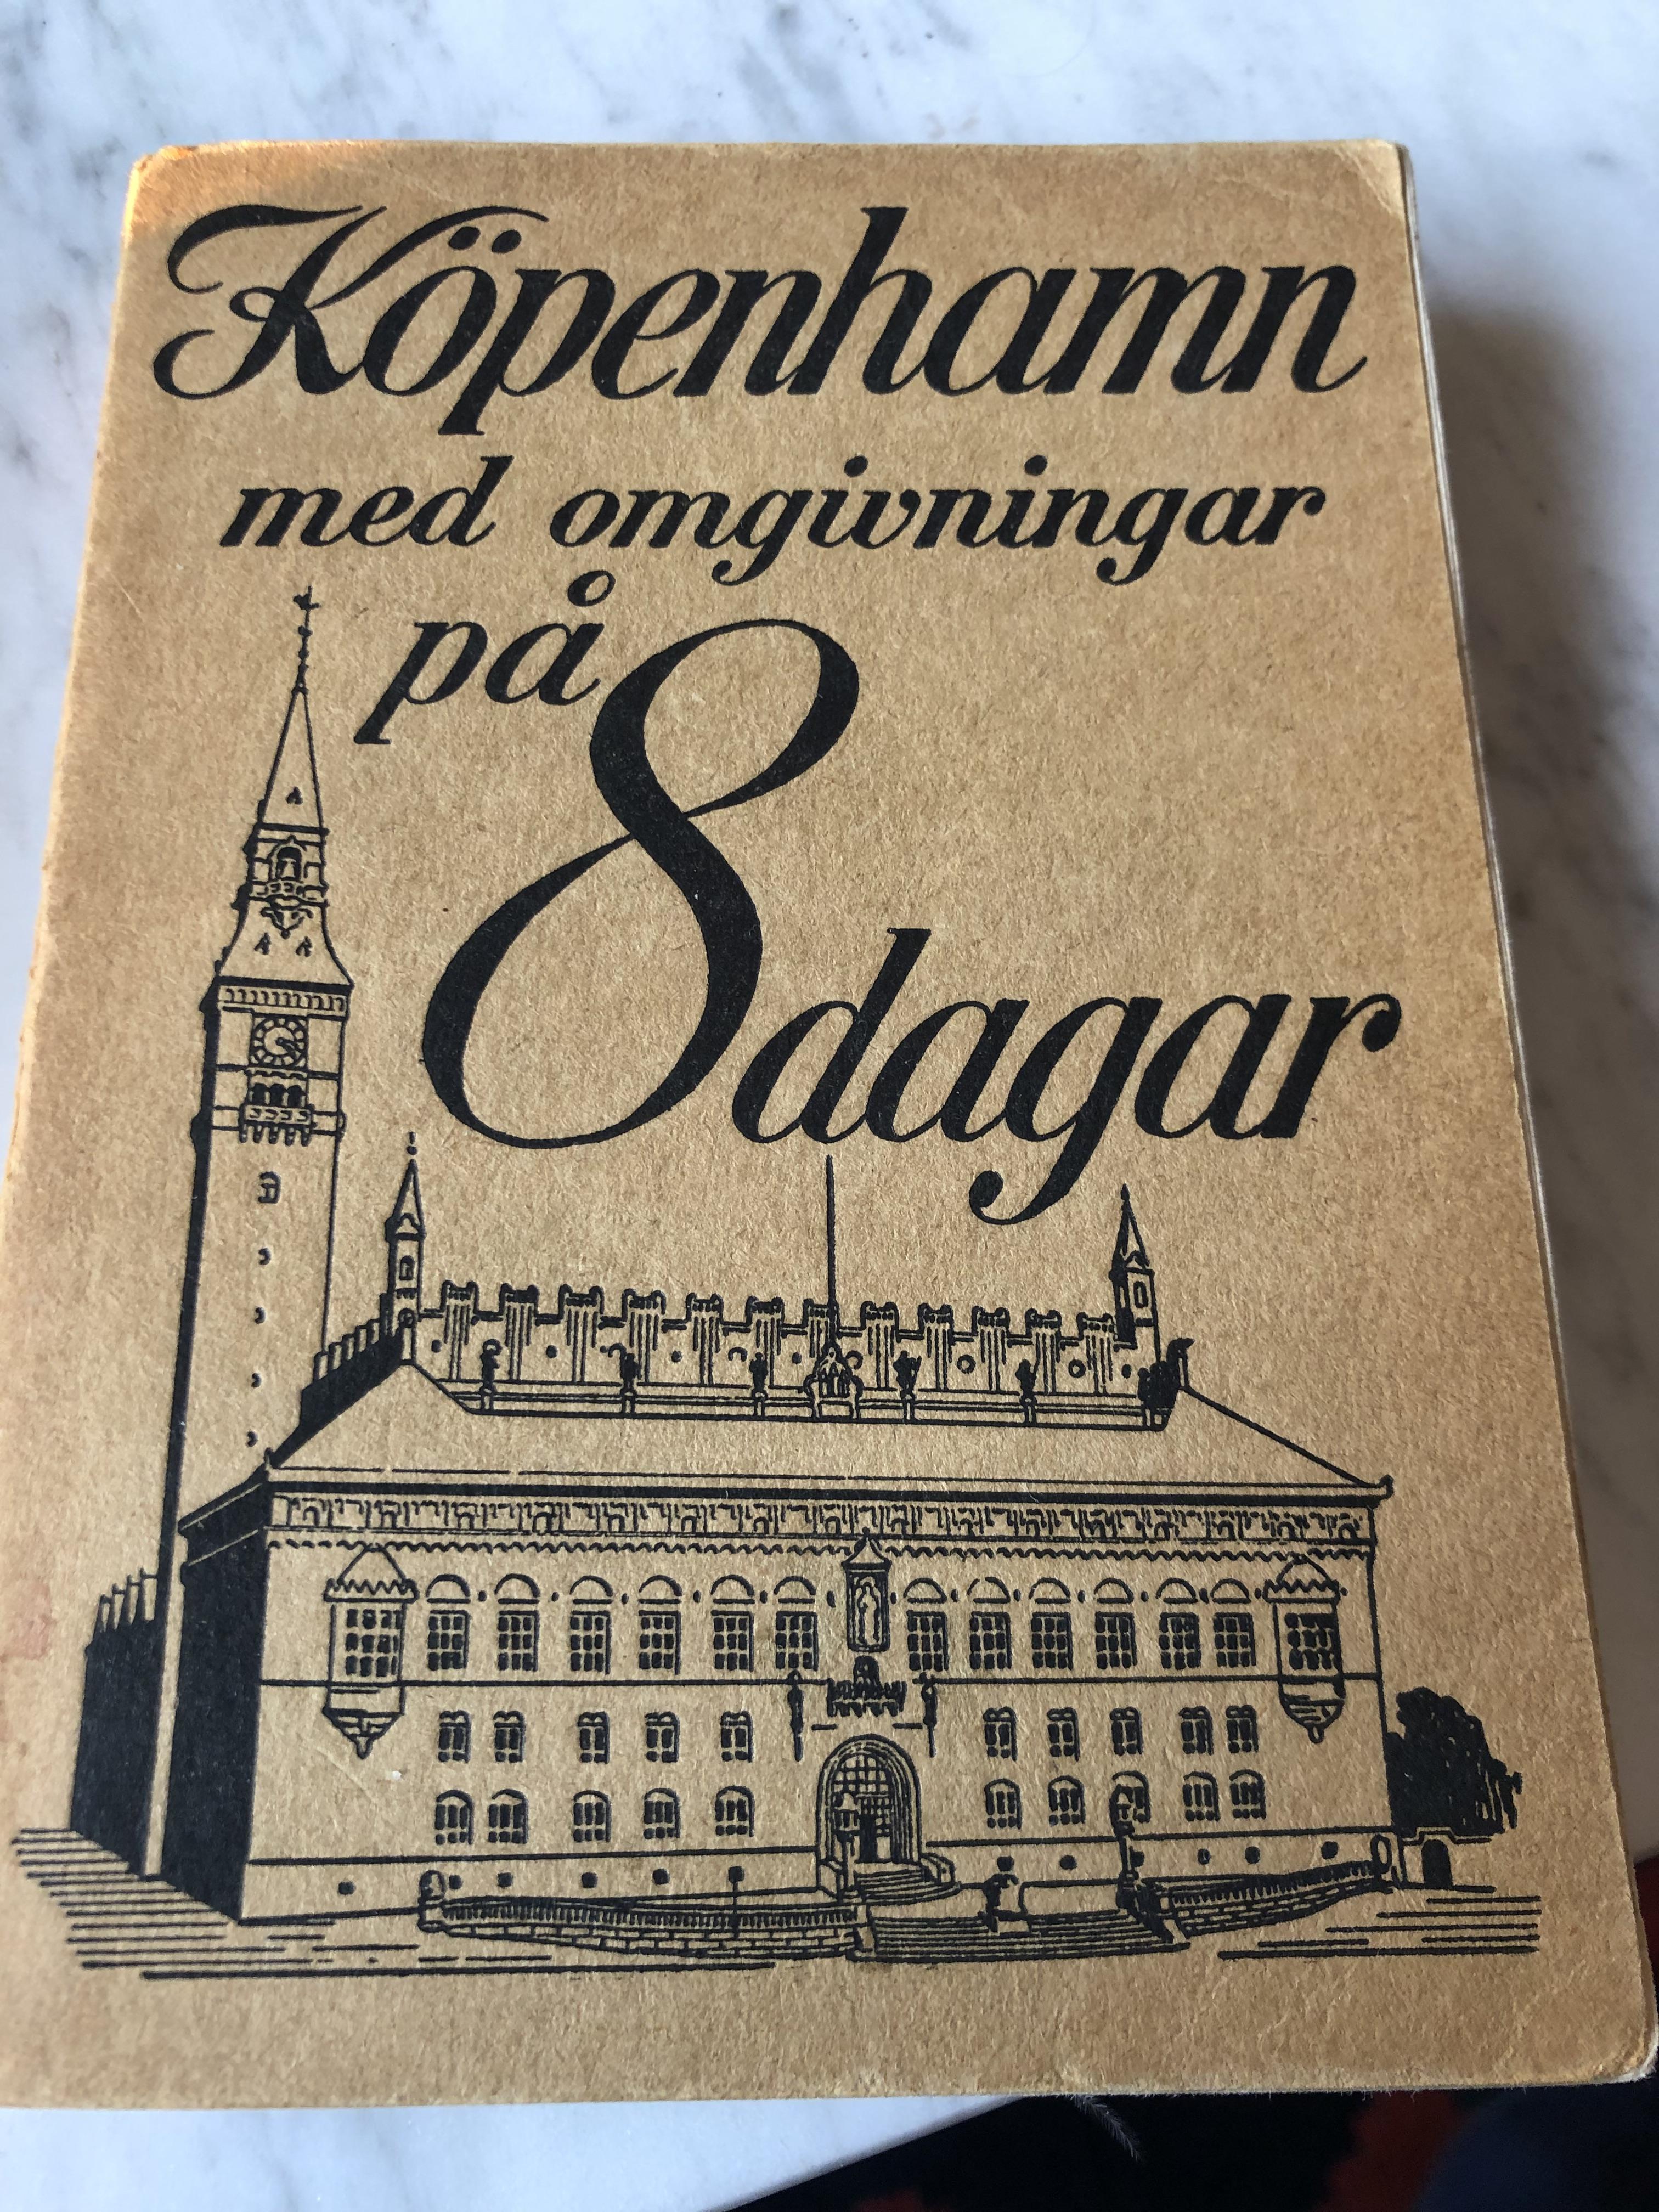 Köpenhamn på 8 dagar 1929 (1)